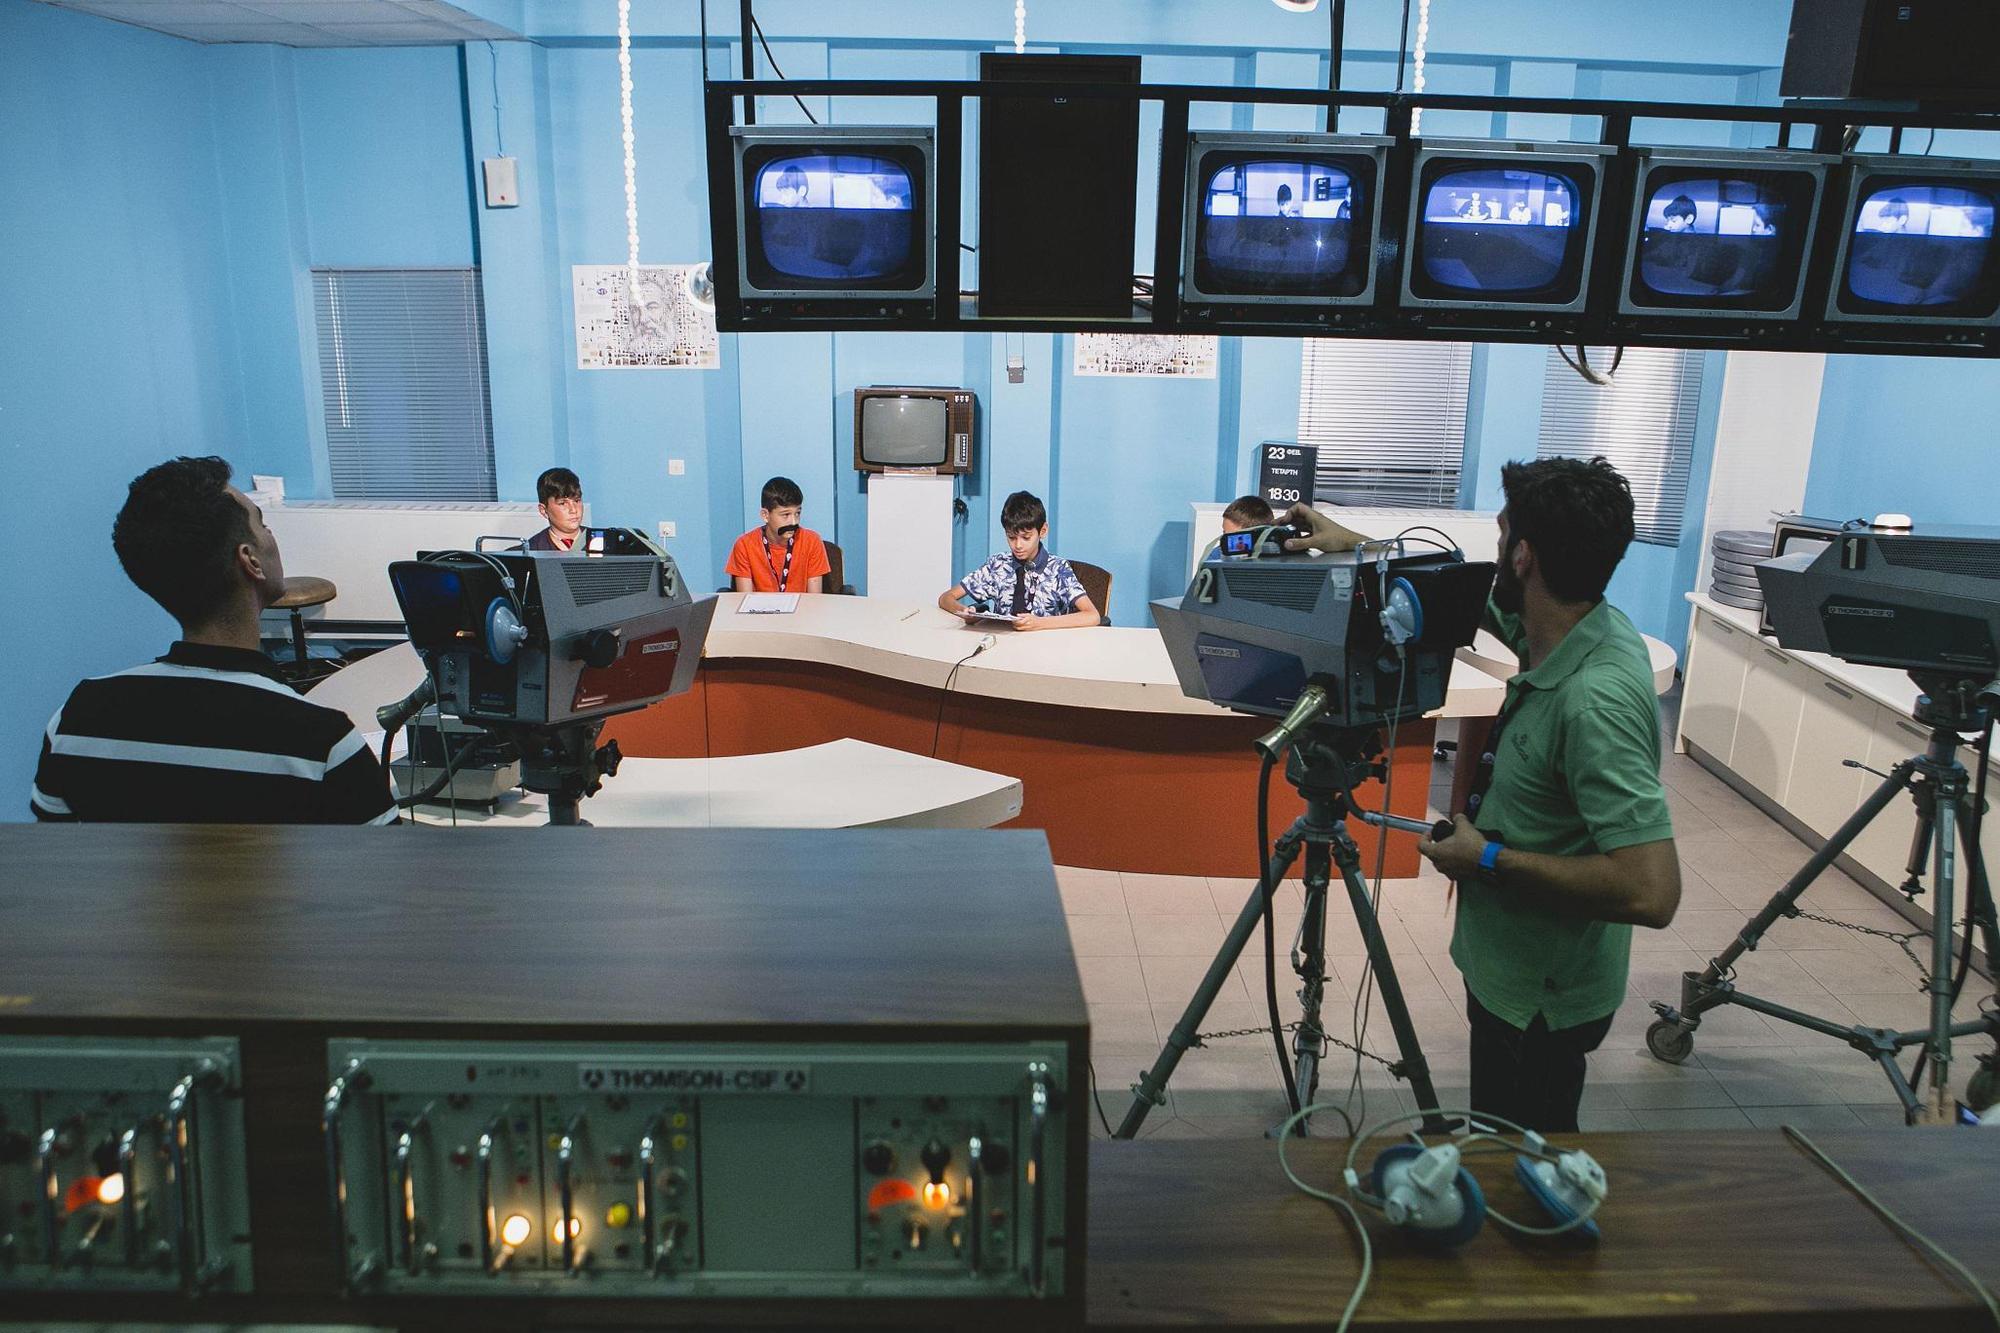 ΟΤΕ-History-Μουσείο-Τηλεπικοινωνιών-ΟΤΕ